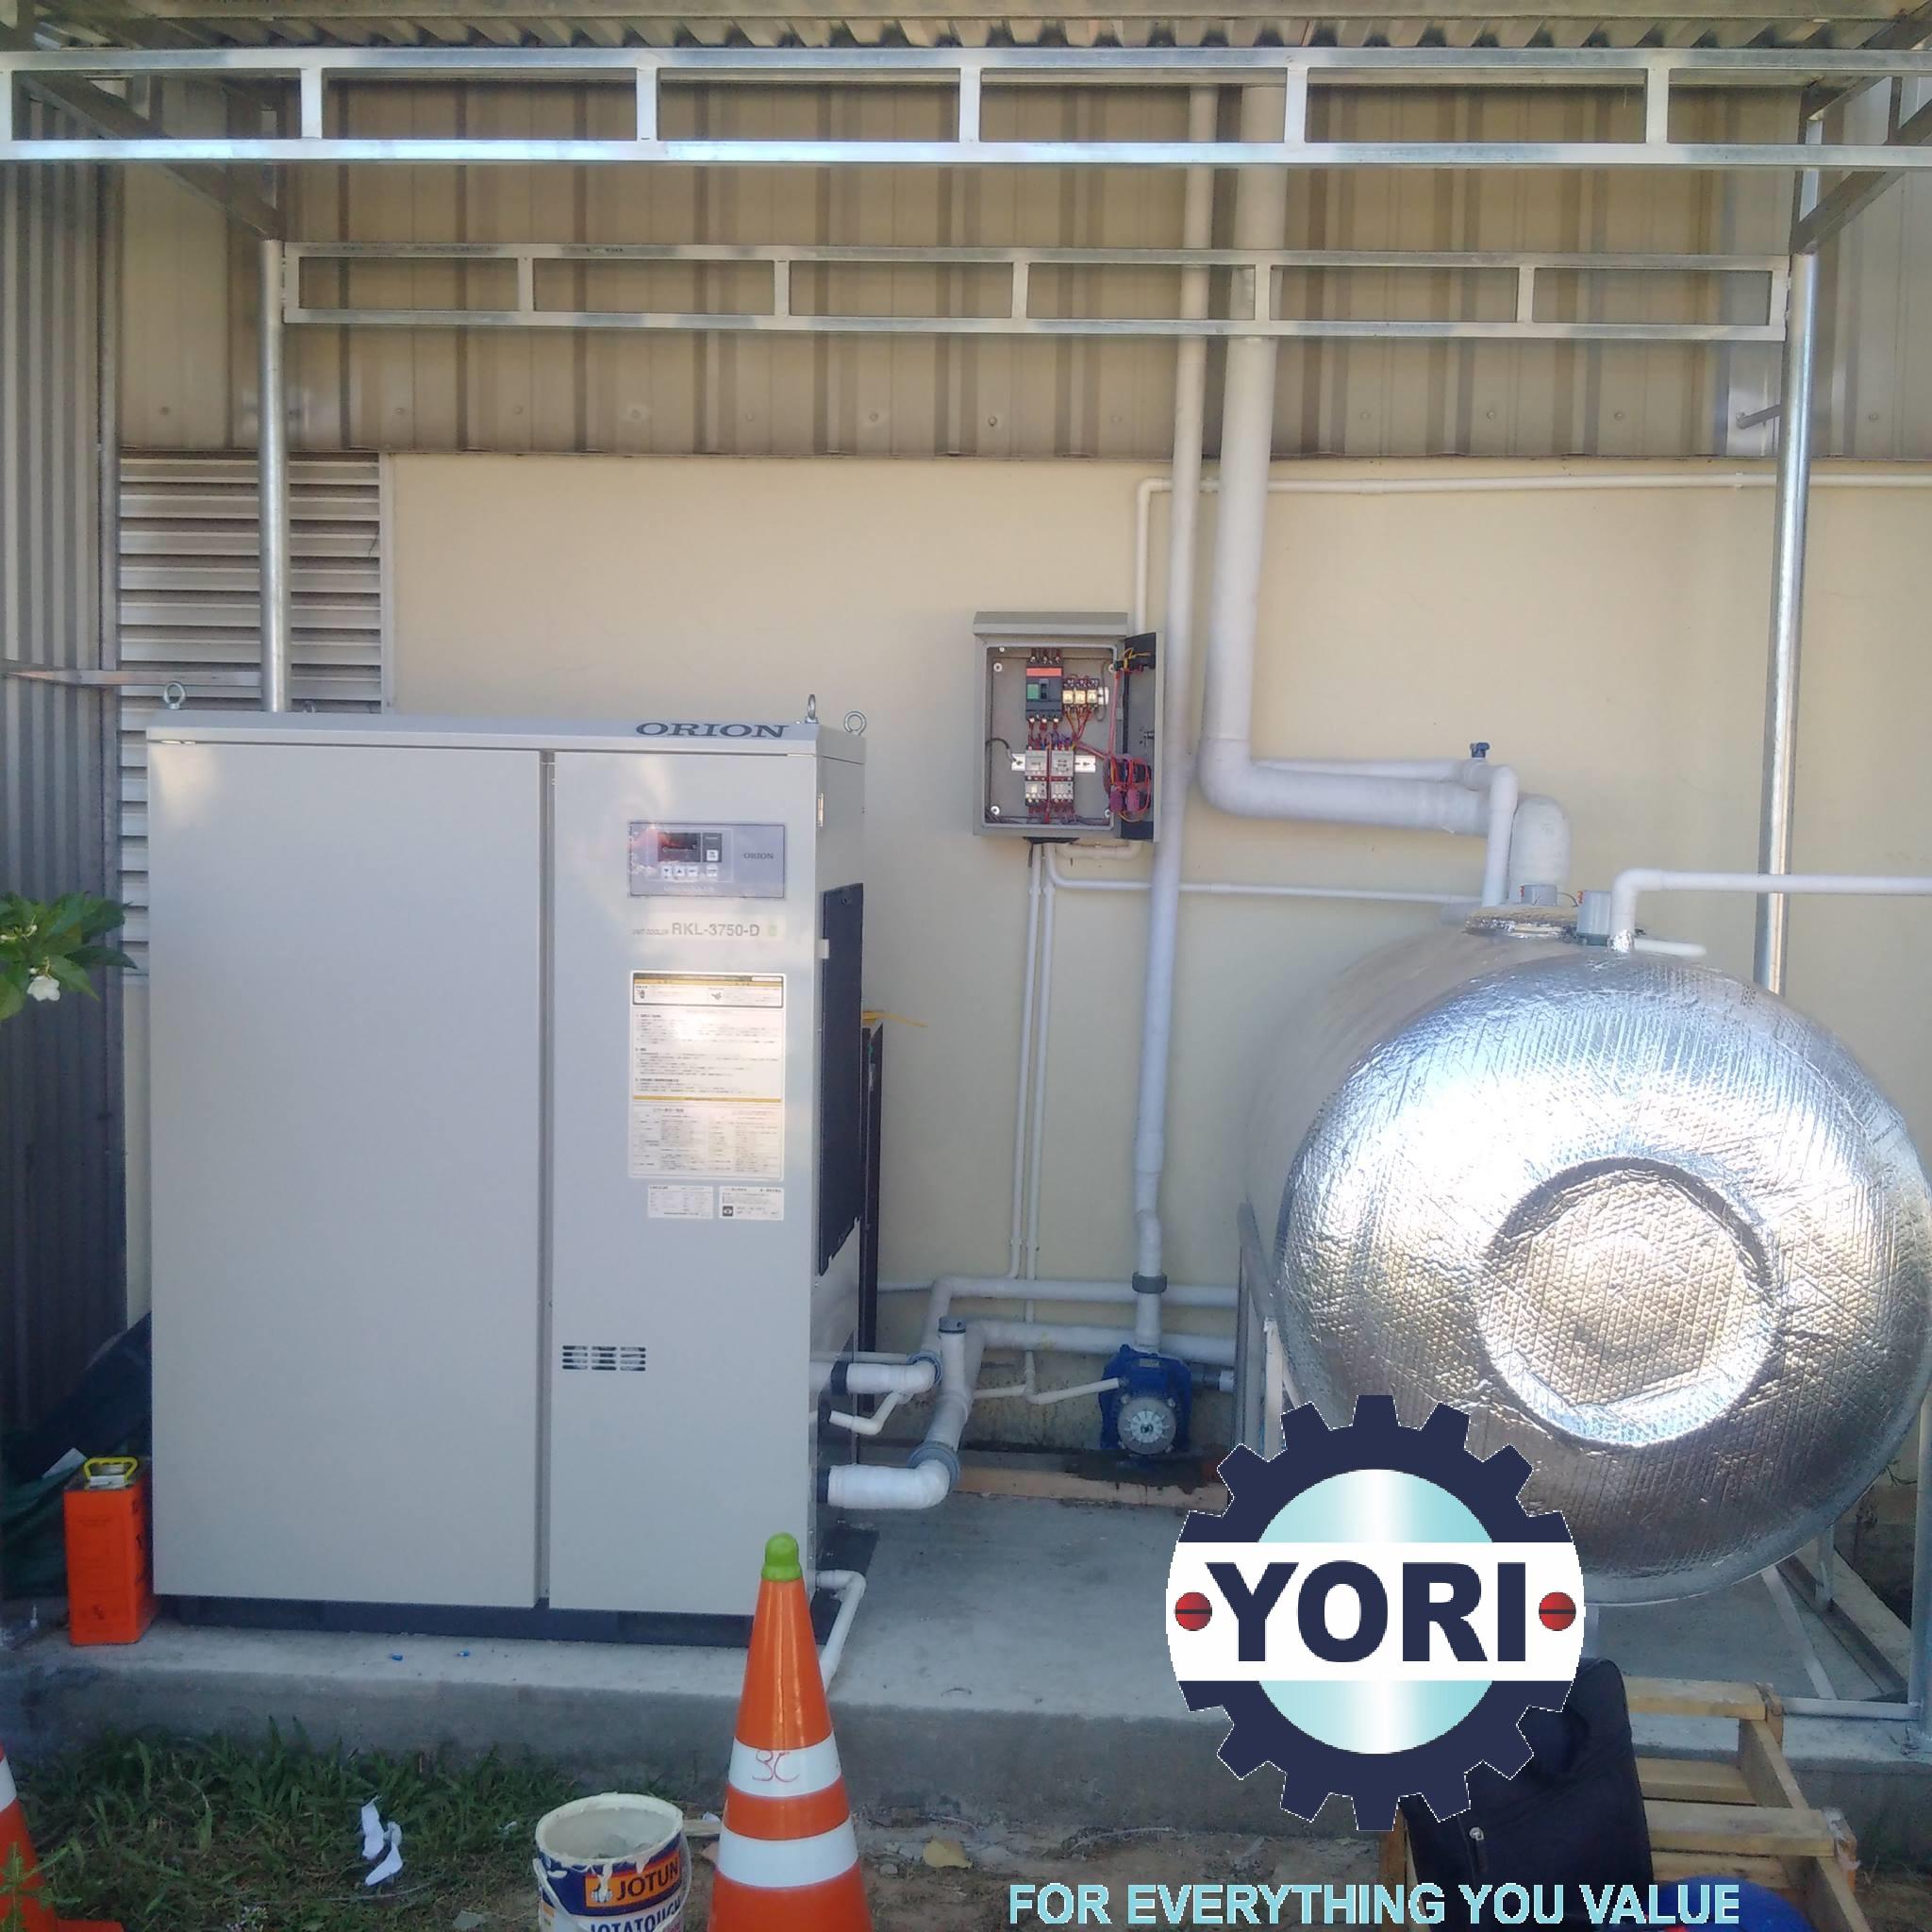 Water Chiller ORION For BEVERAGE PACKAGING Machine – Máy Làm Lạnh Nước Giải Nhiệt máy công cụ chuyên sản xuất BAO BÌ NƯỚC GIẢI KHÁT !